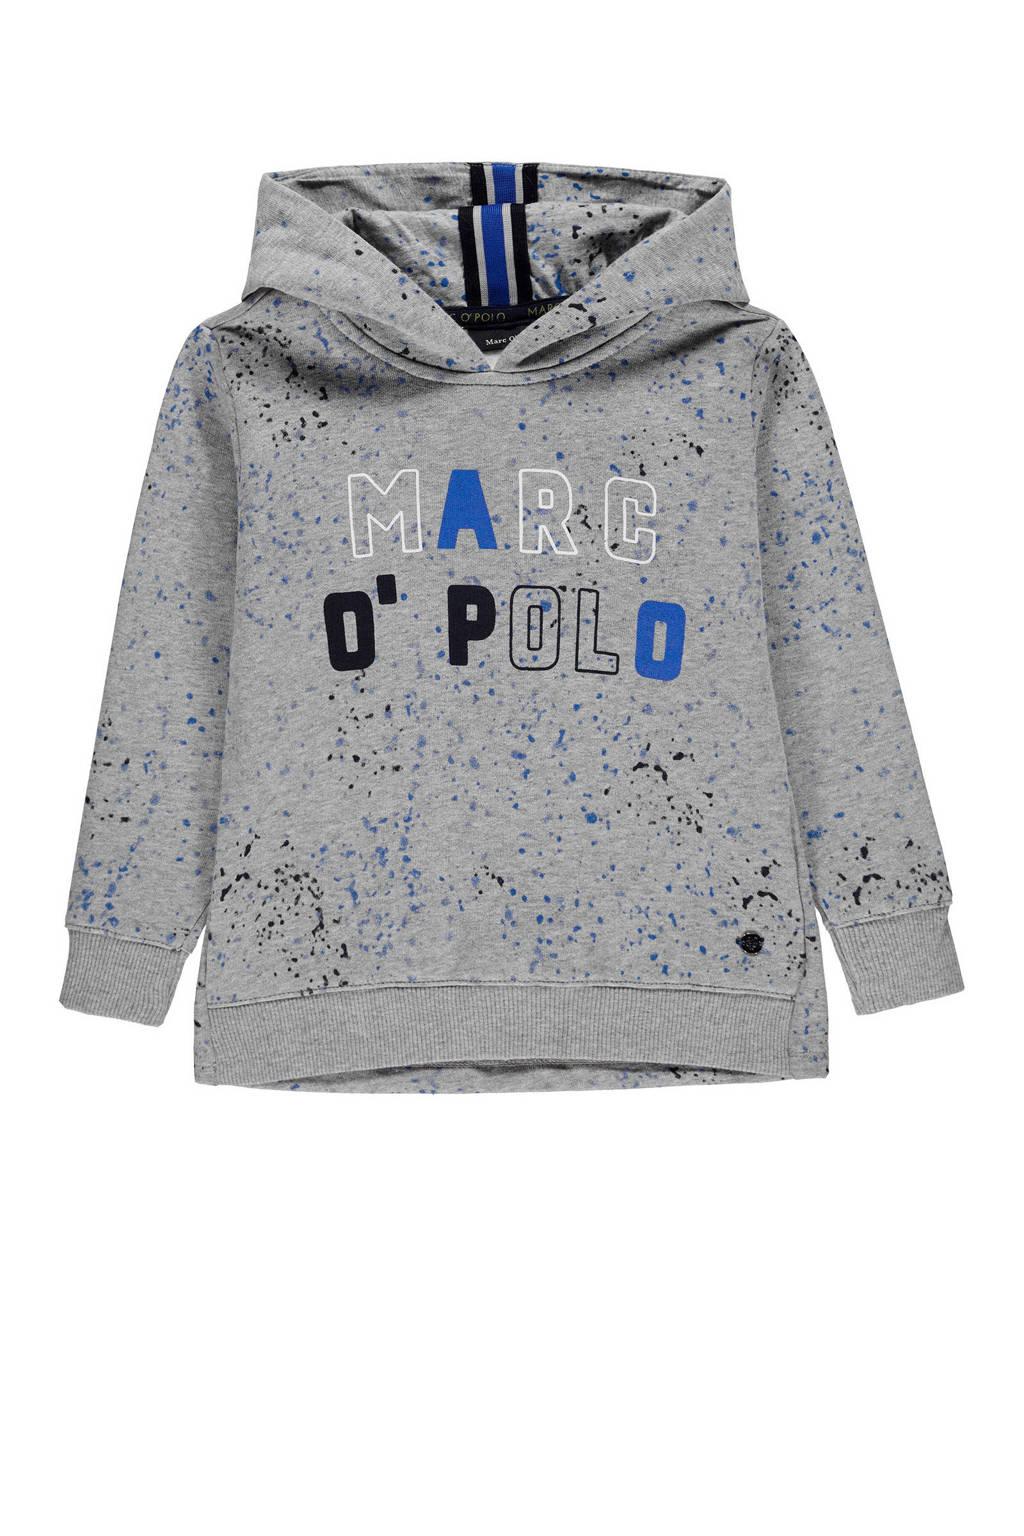 Marc O'Polo hoodie met logo grijs/blauw, Grijs/blauw